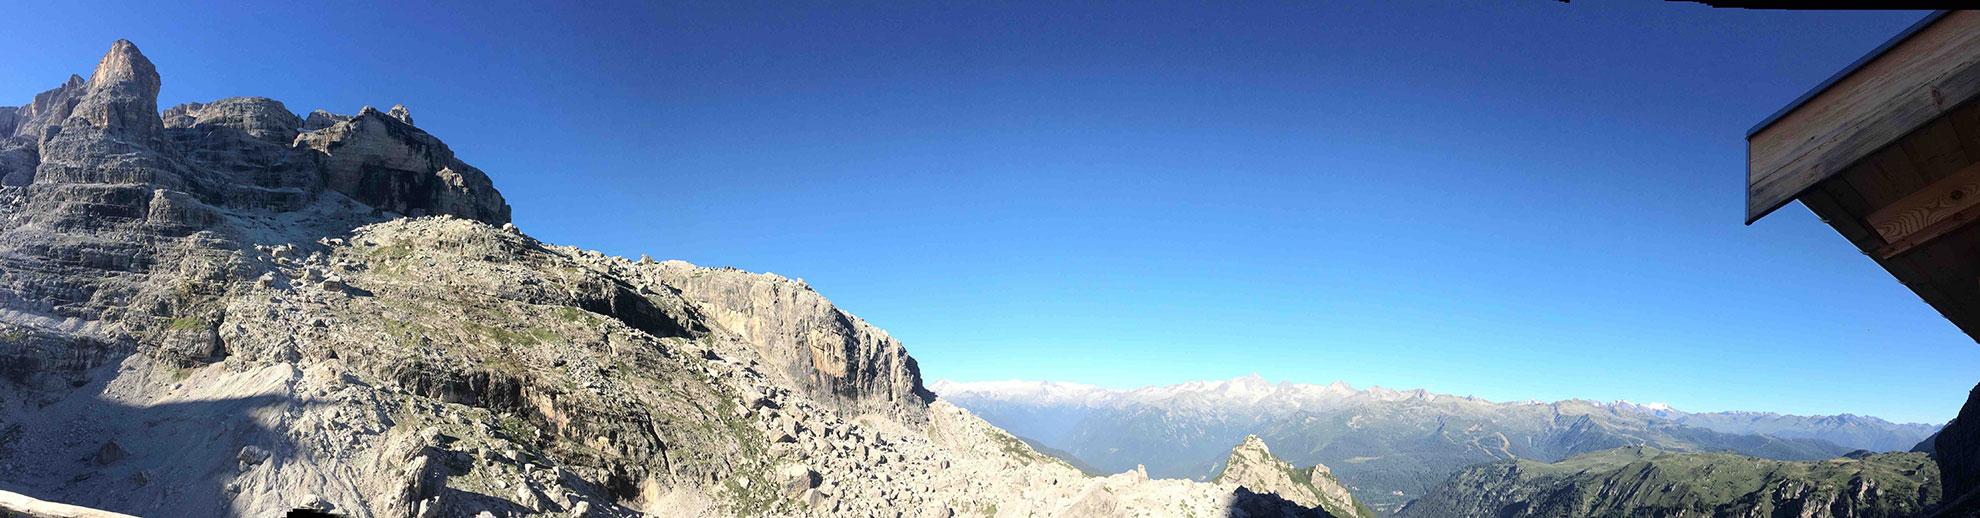 Brenta Dolomites Trips Hike And Via Ferrata Dolomite